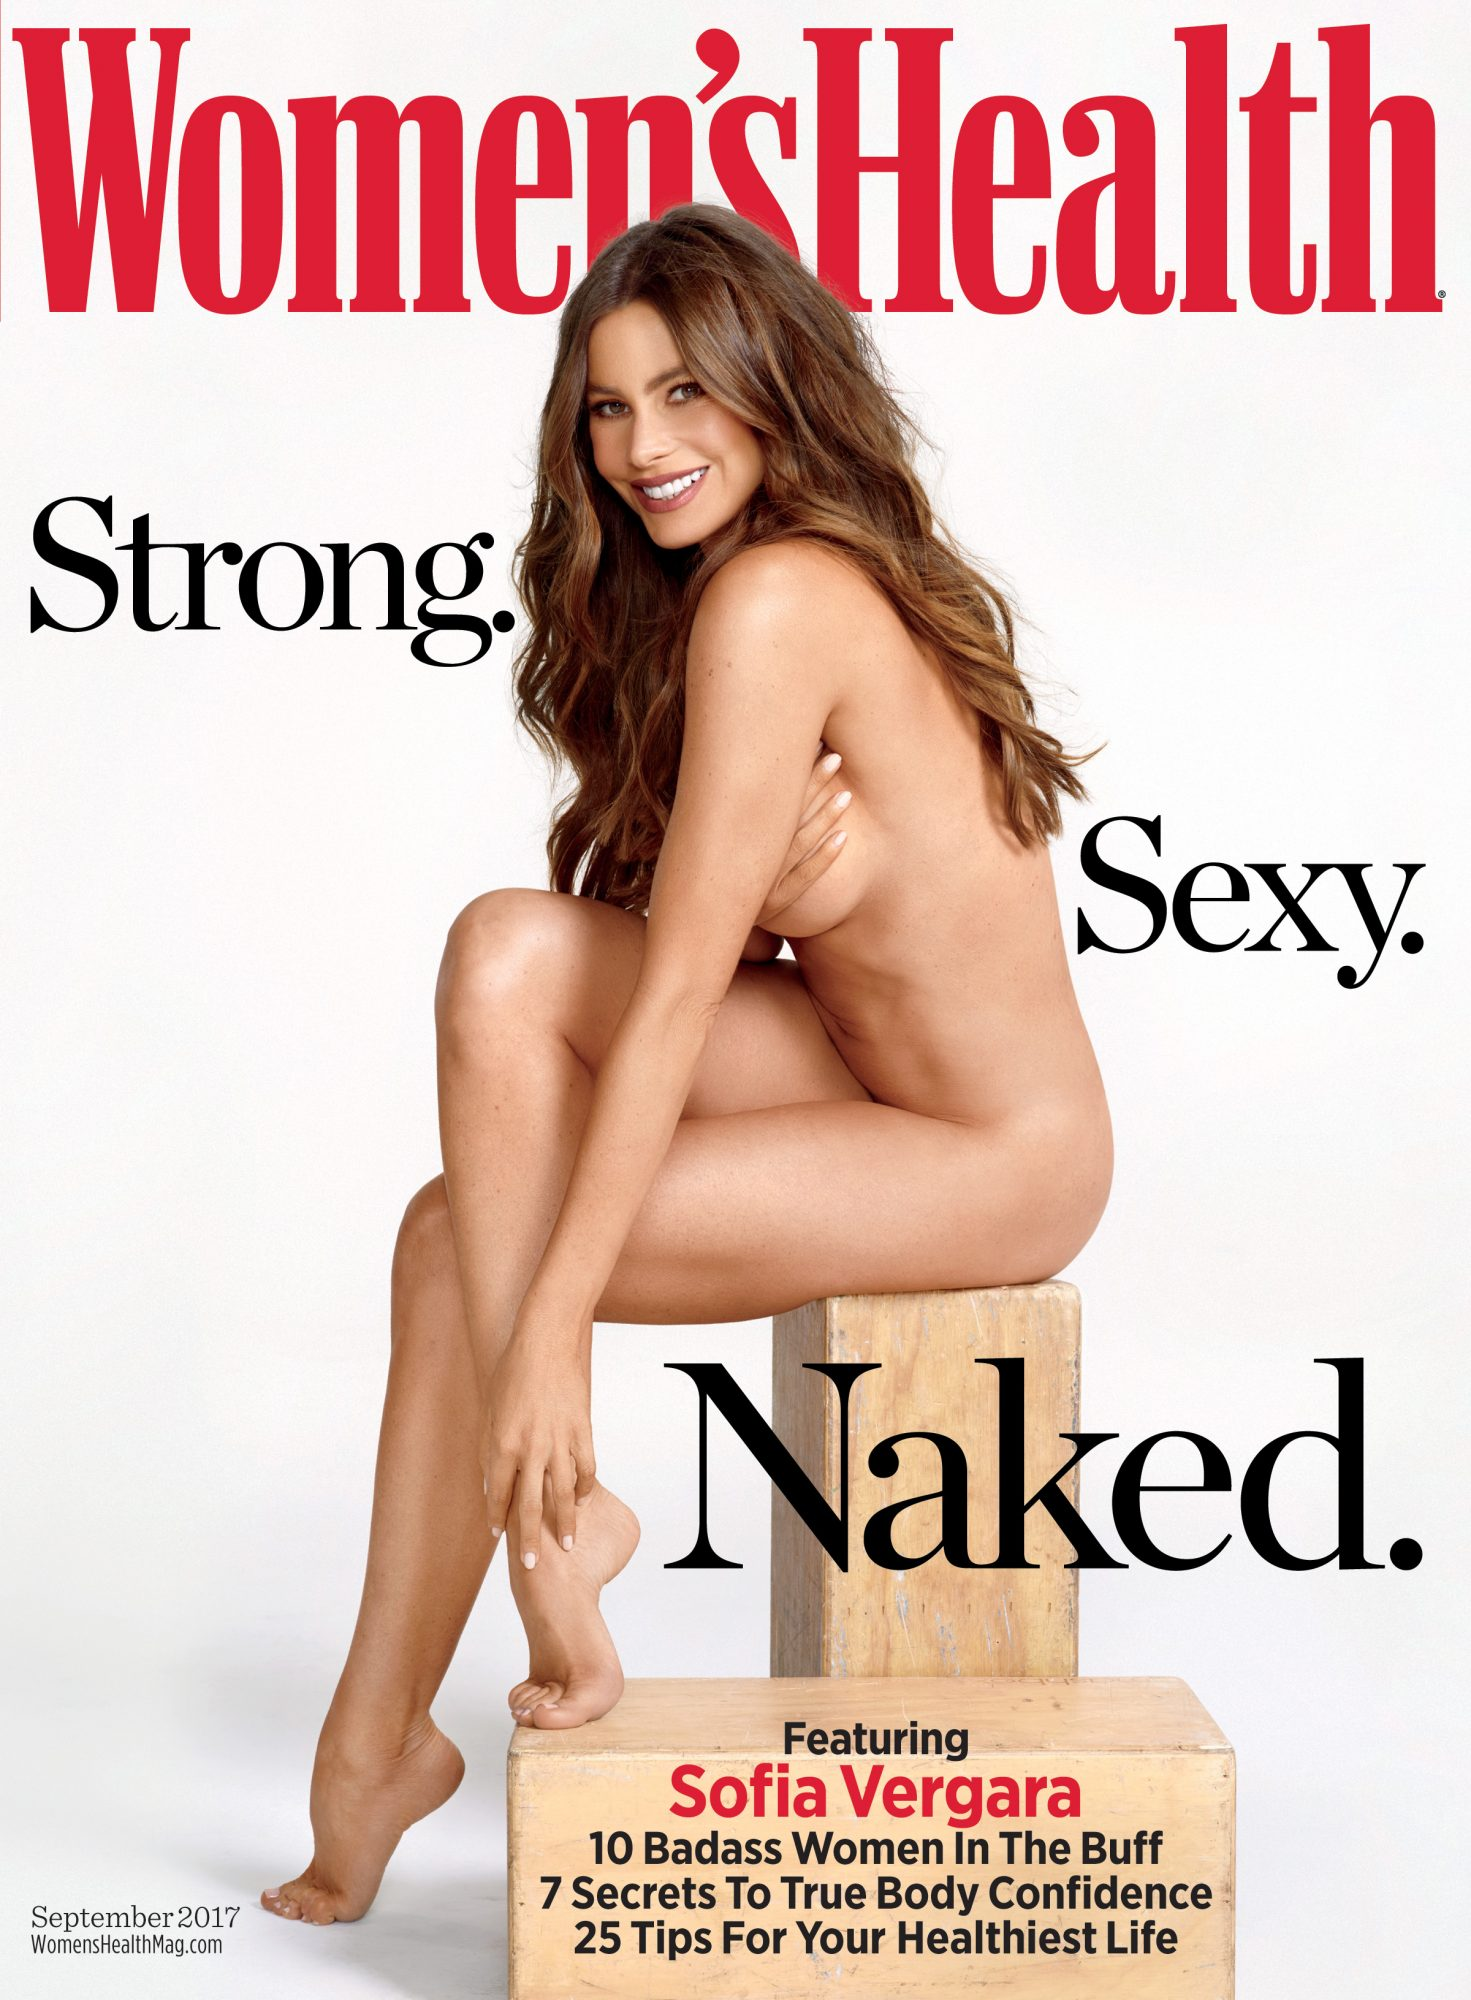 Sofia Vergara, desnuda, revista, portada, womens health, modern family